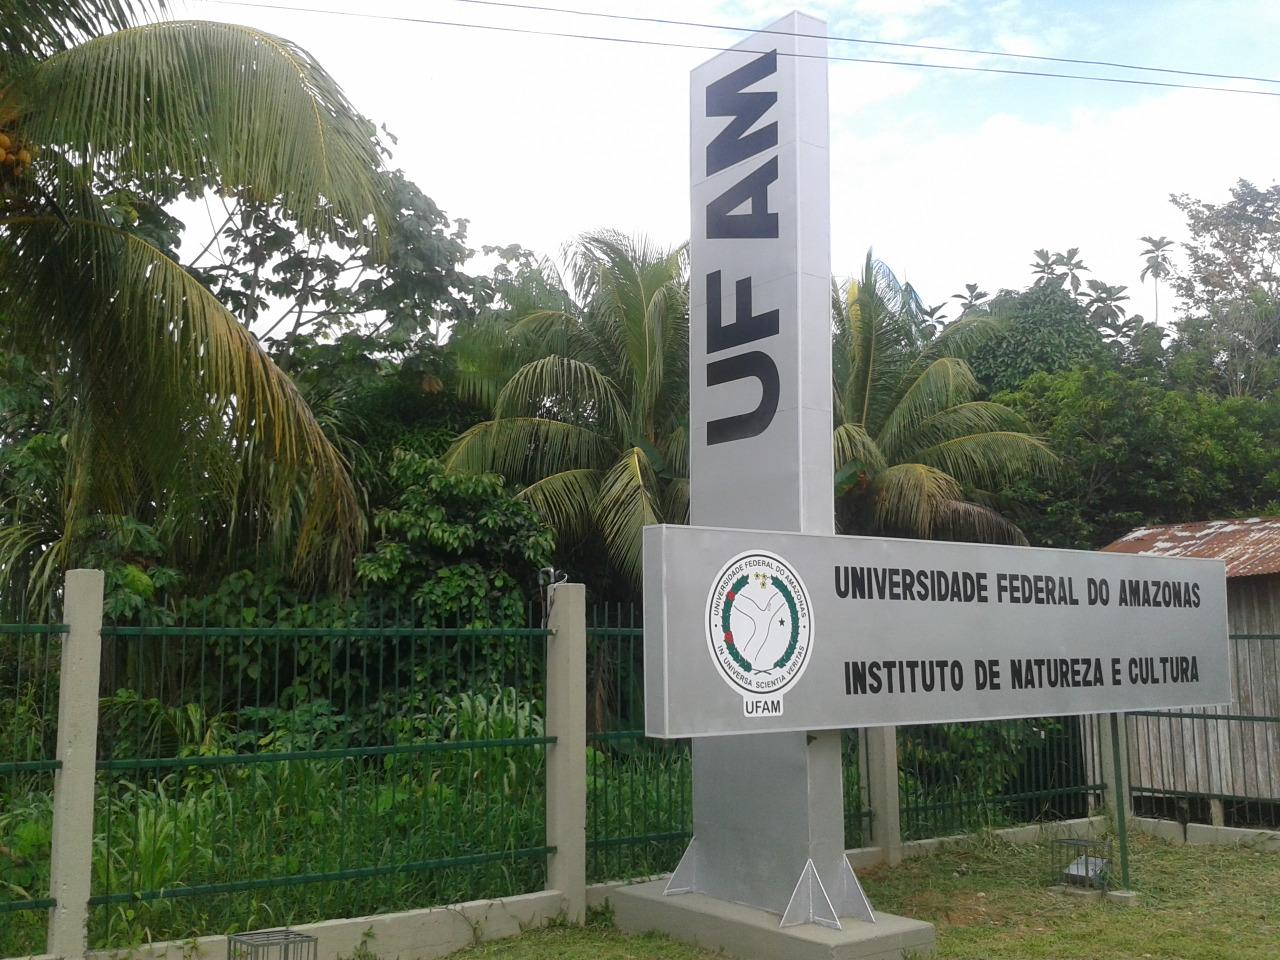 O campus Alto Solimões da Ufam, a 36 horas de barco de Manaus: 1100 alunos, 98,5% deles são de baixa renda, sendo 587 indígenas de pelo menos nove etnias como Tikuma, Cocama e Marúbo (Foto: Ufam/Divulgação)